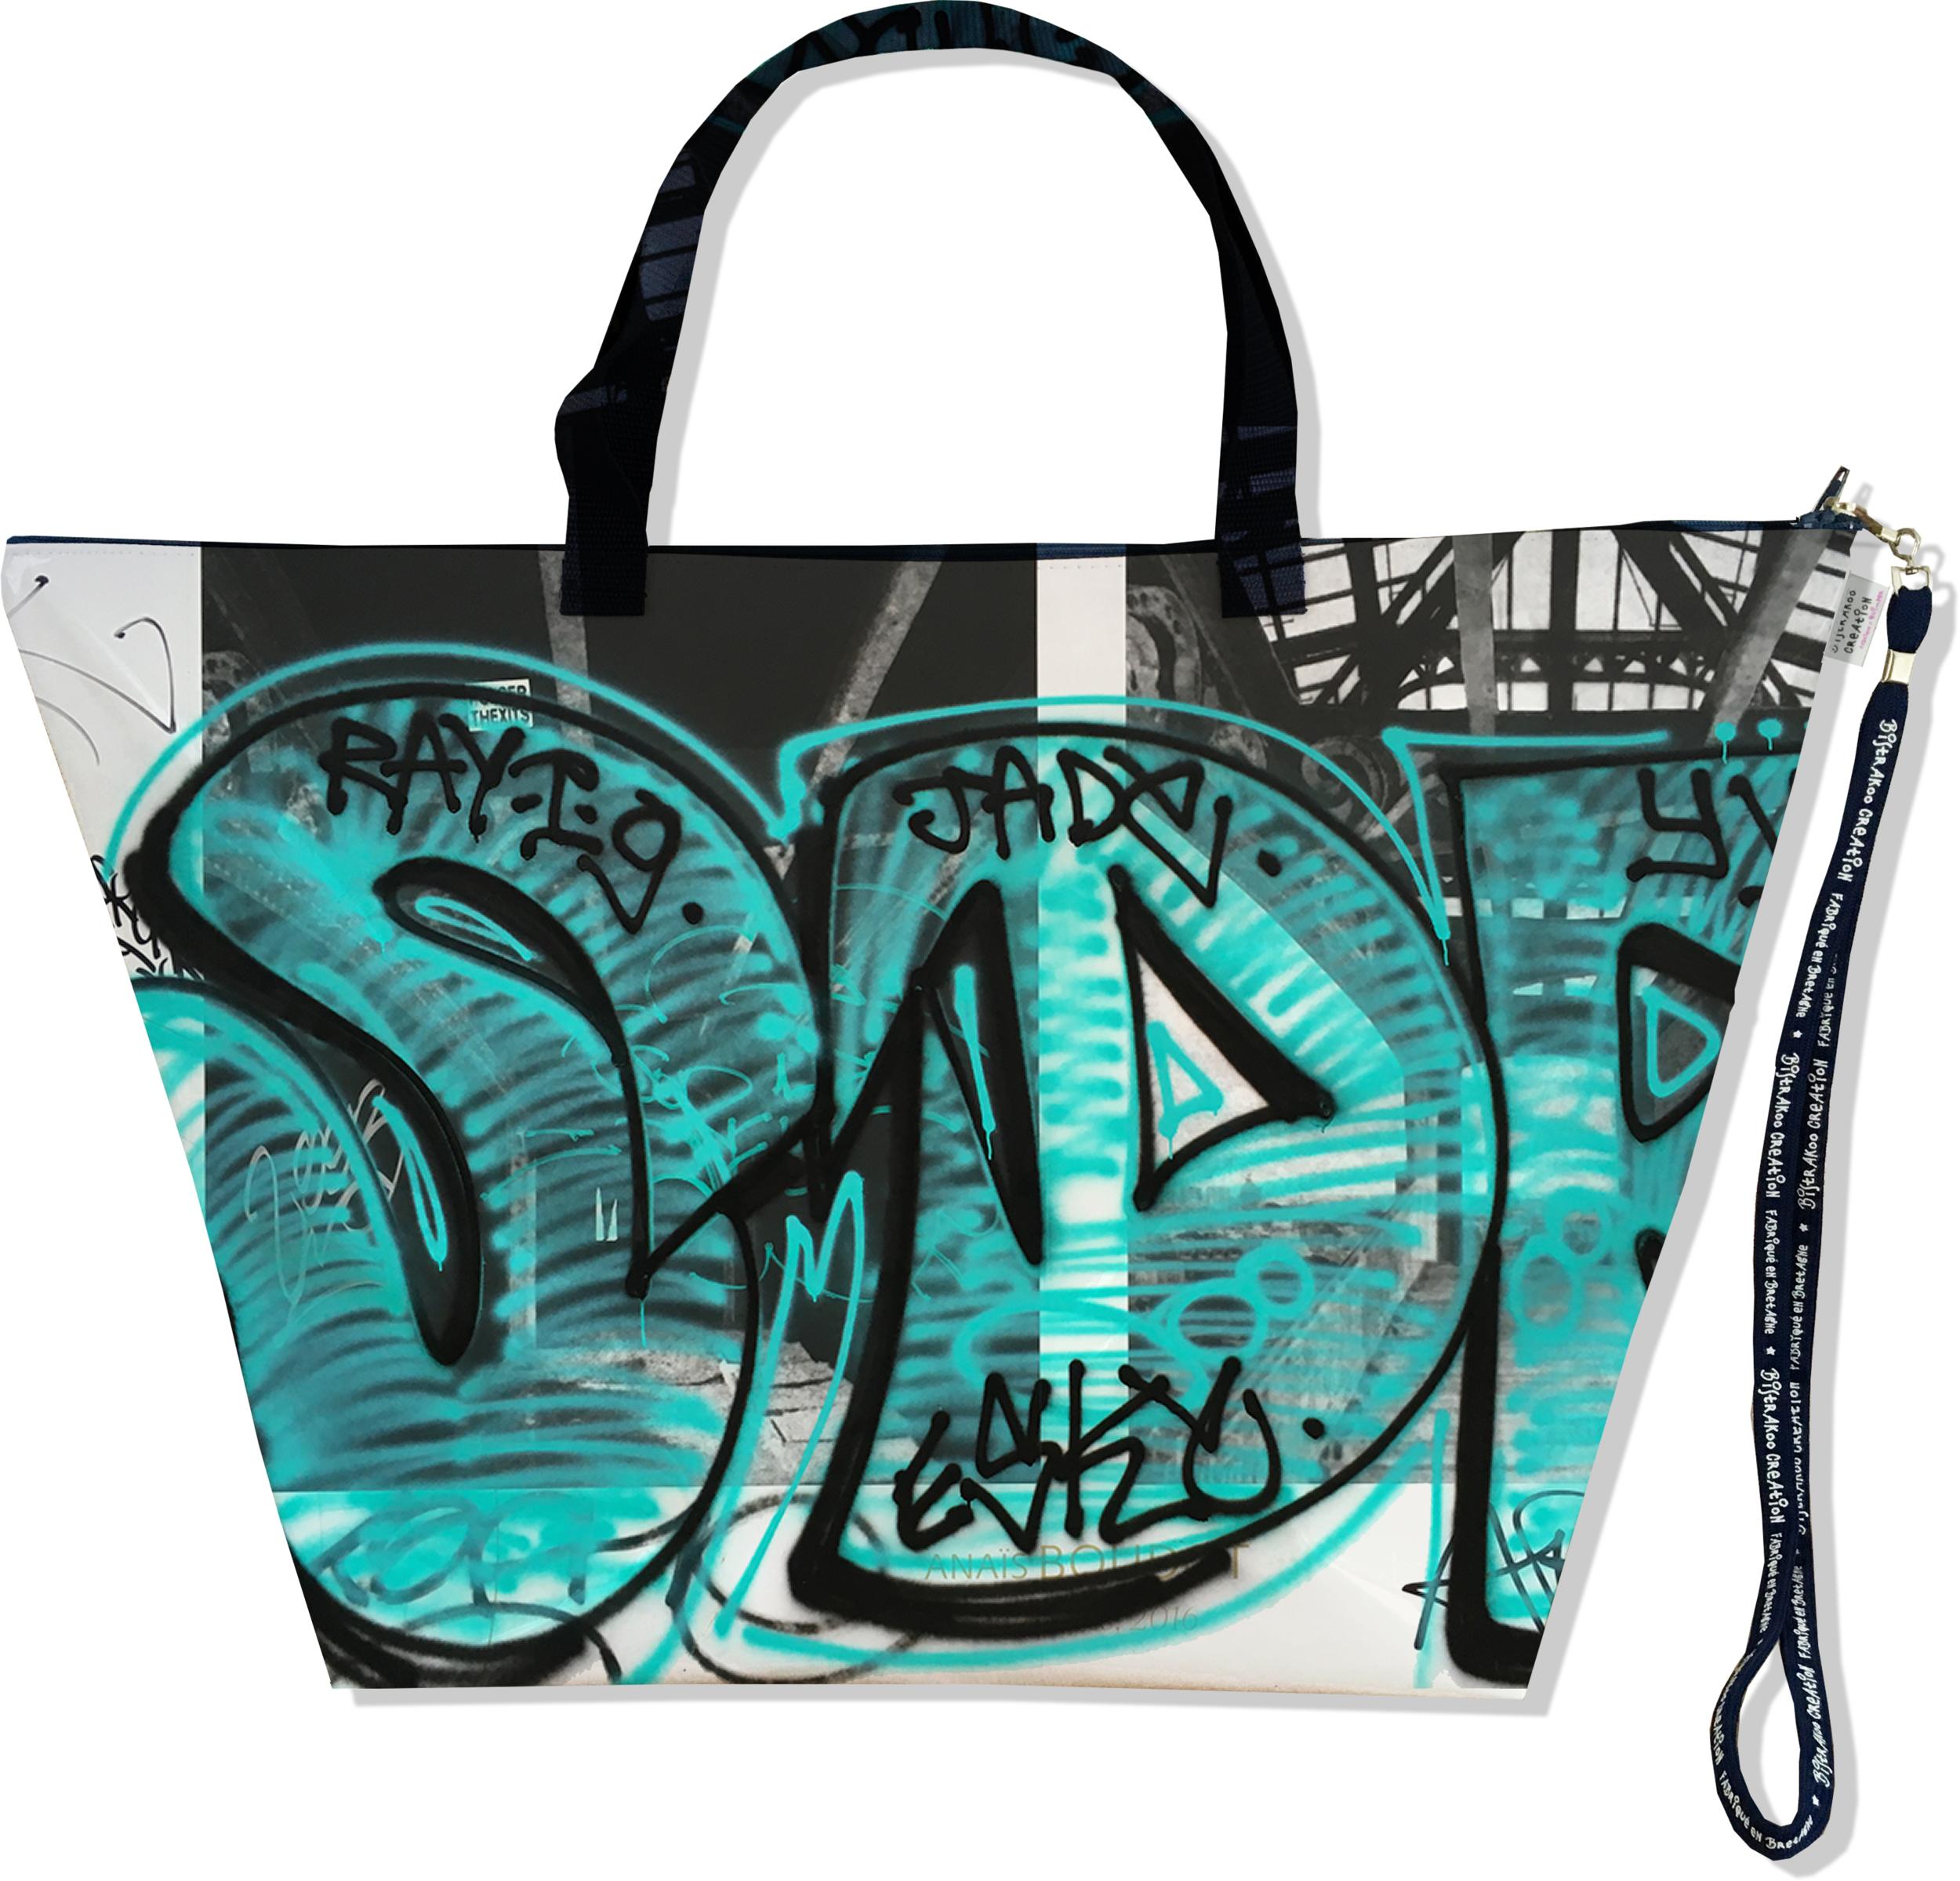 Grand Sac de voyage, sac week end pour femme motif Street art SW6020